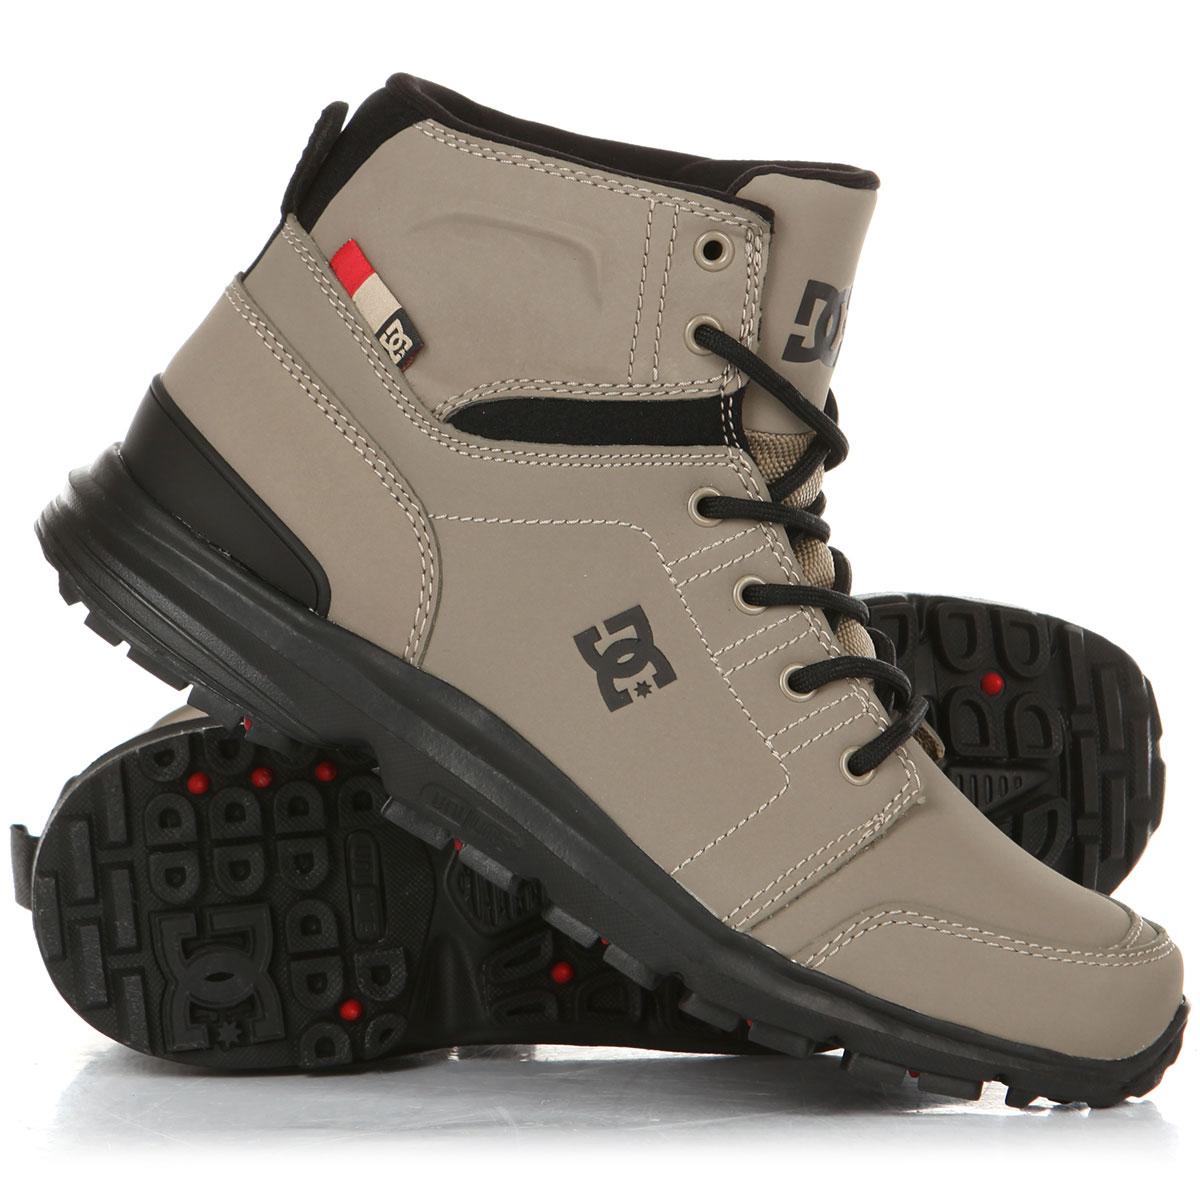 f79a5ee5b70f Купить ботинки высокие DC Torstein Timber (ADMB700008-TMB) в интернет- магазине Proskater.kz